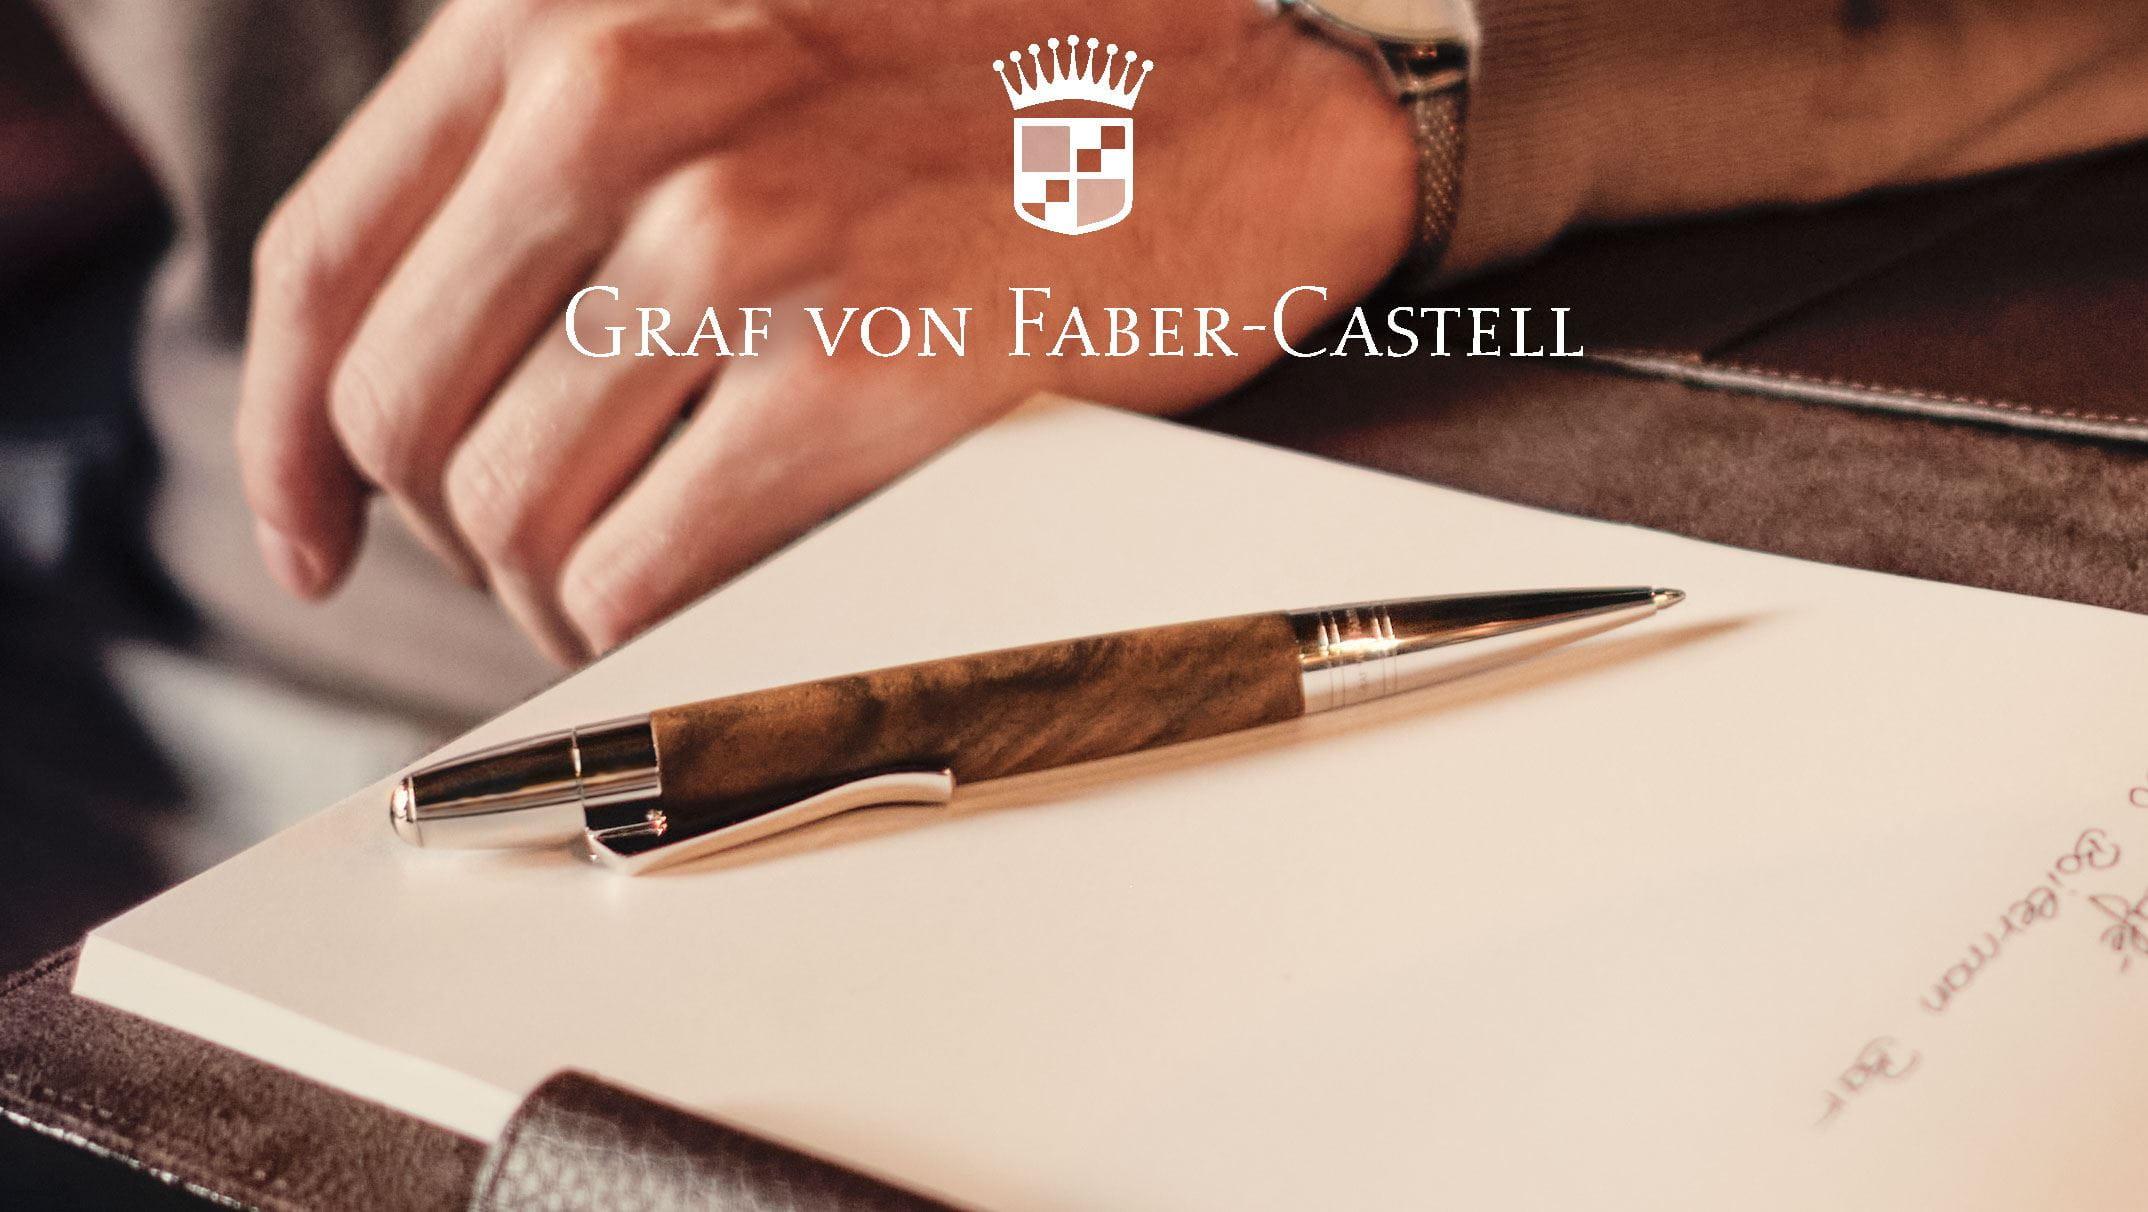 Offizieller Onlineshop Von Faber Castell